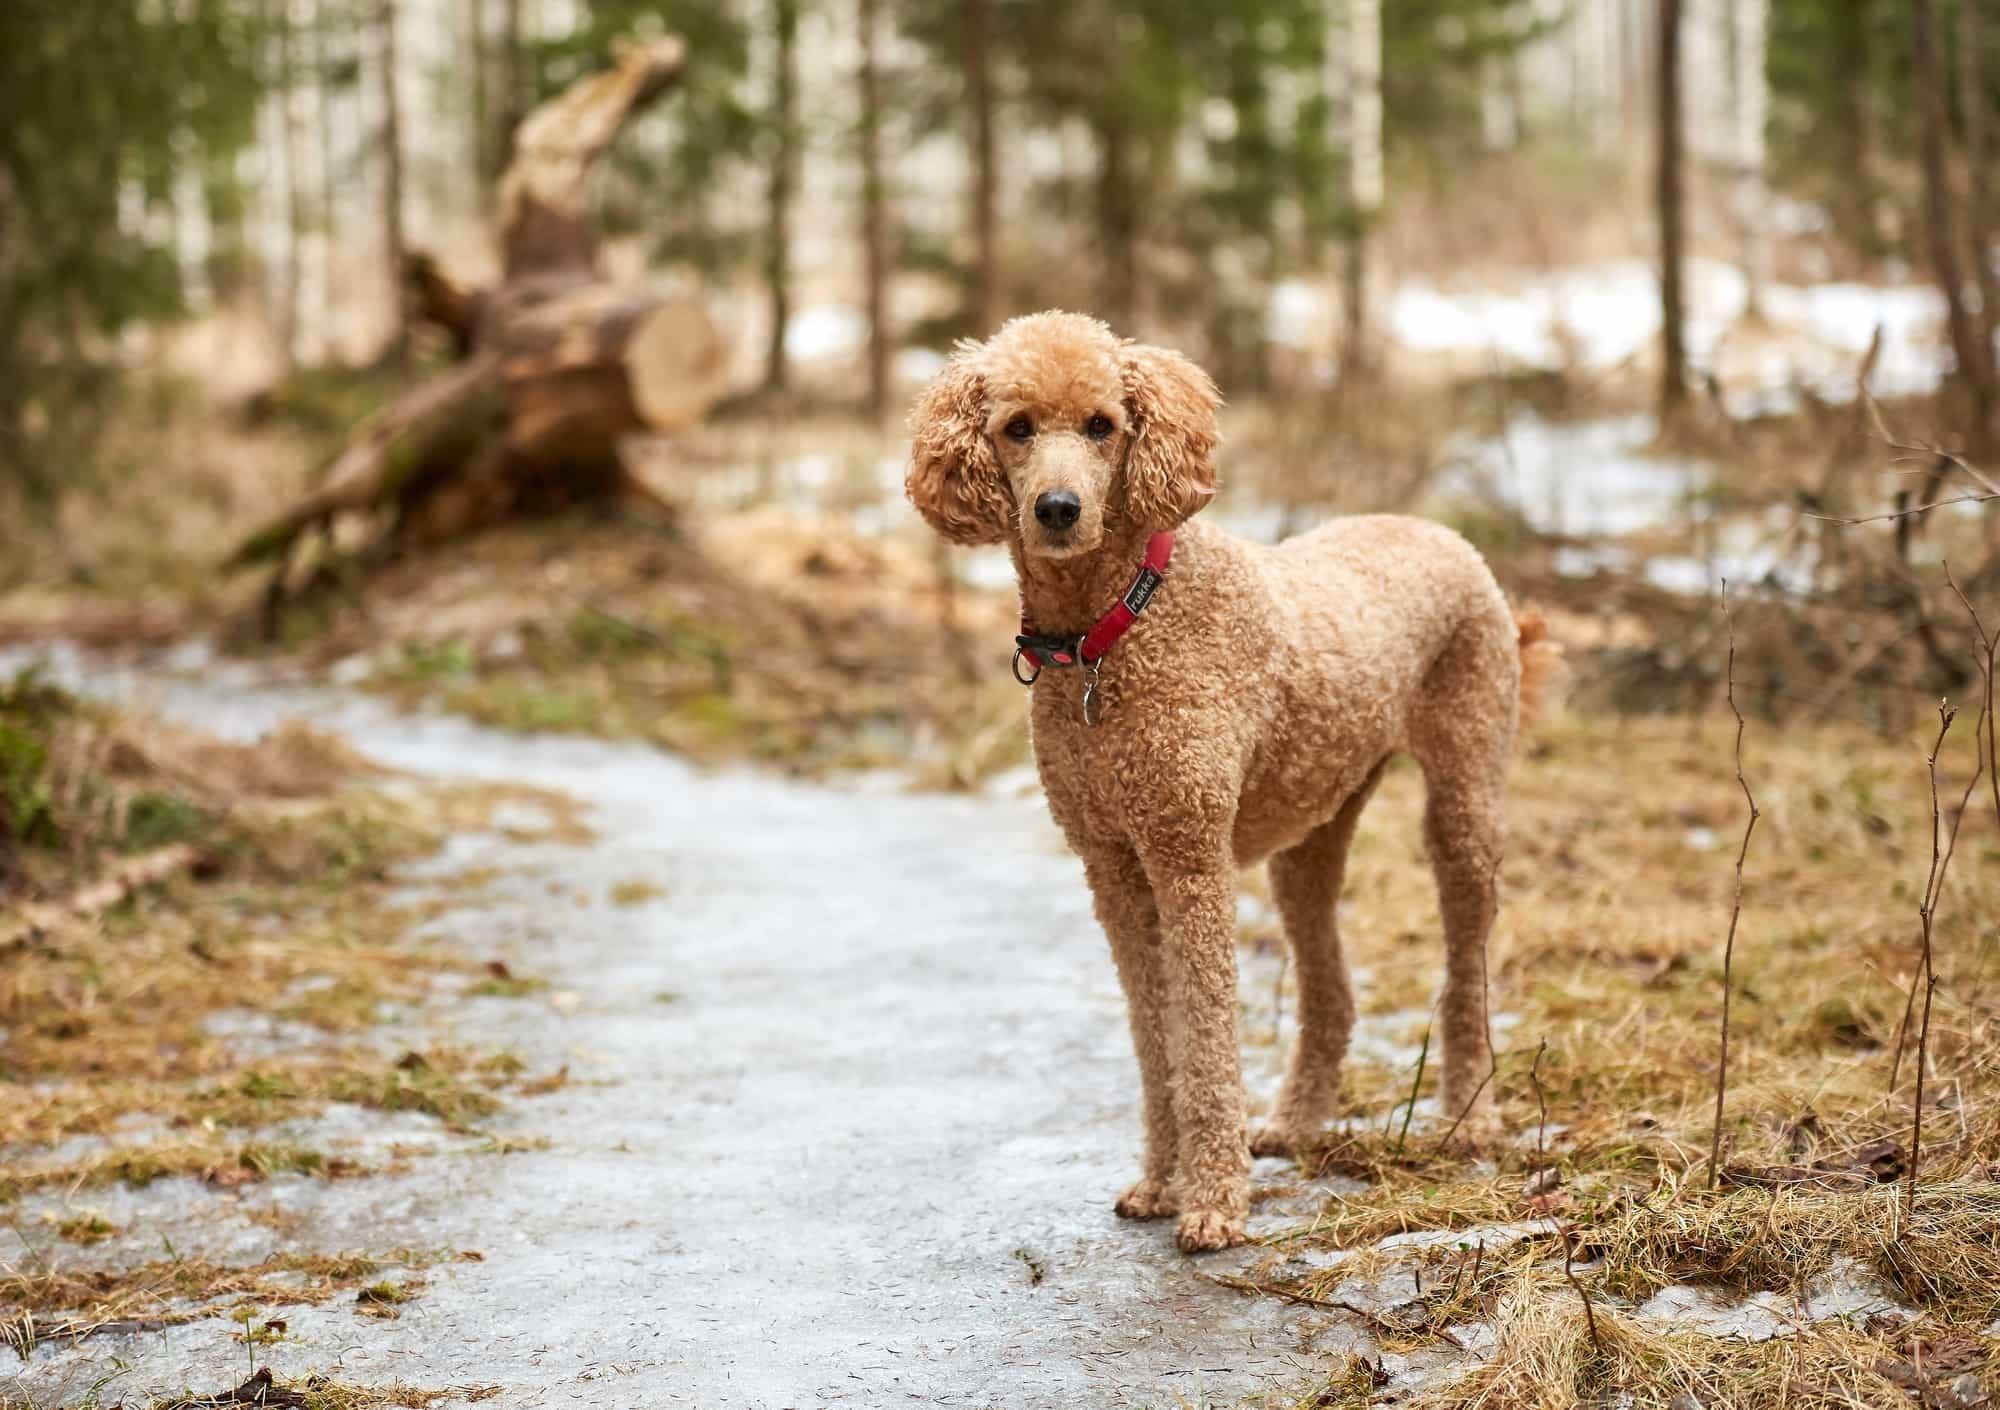 Các giống chó Poodle được yêu thích nhất hiện nay